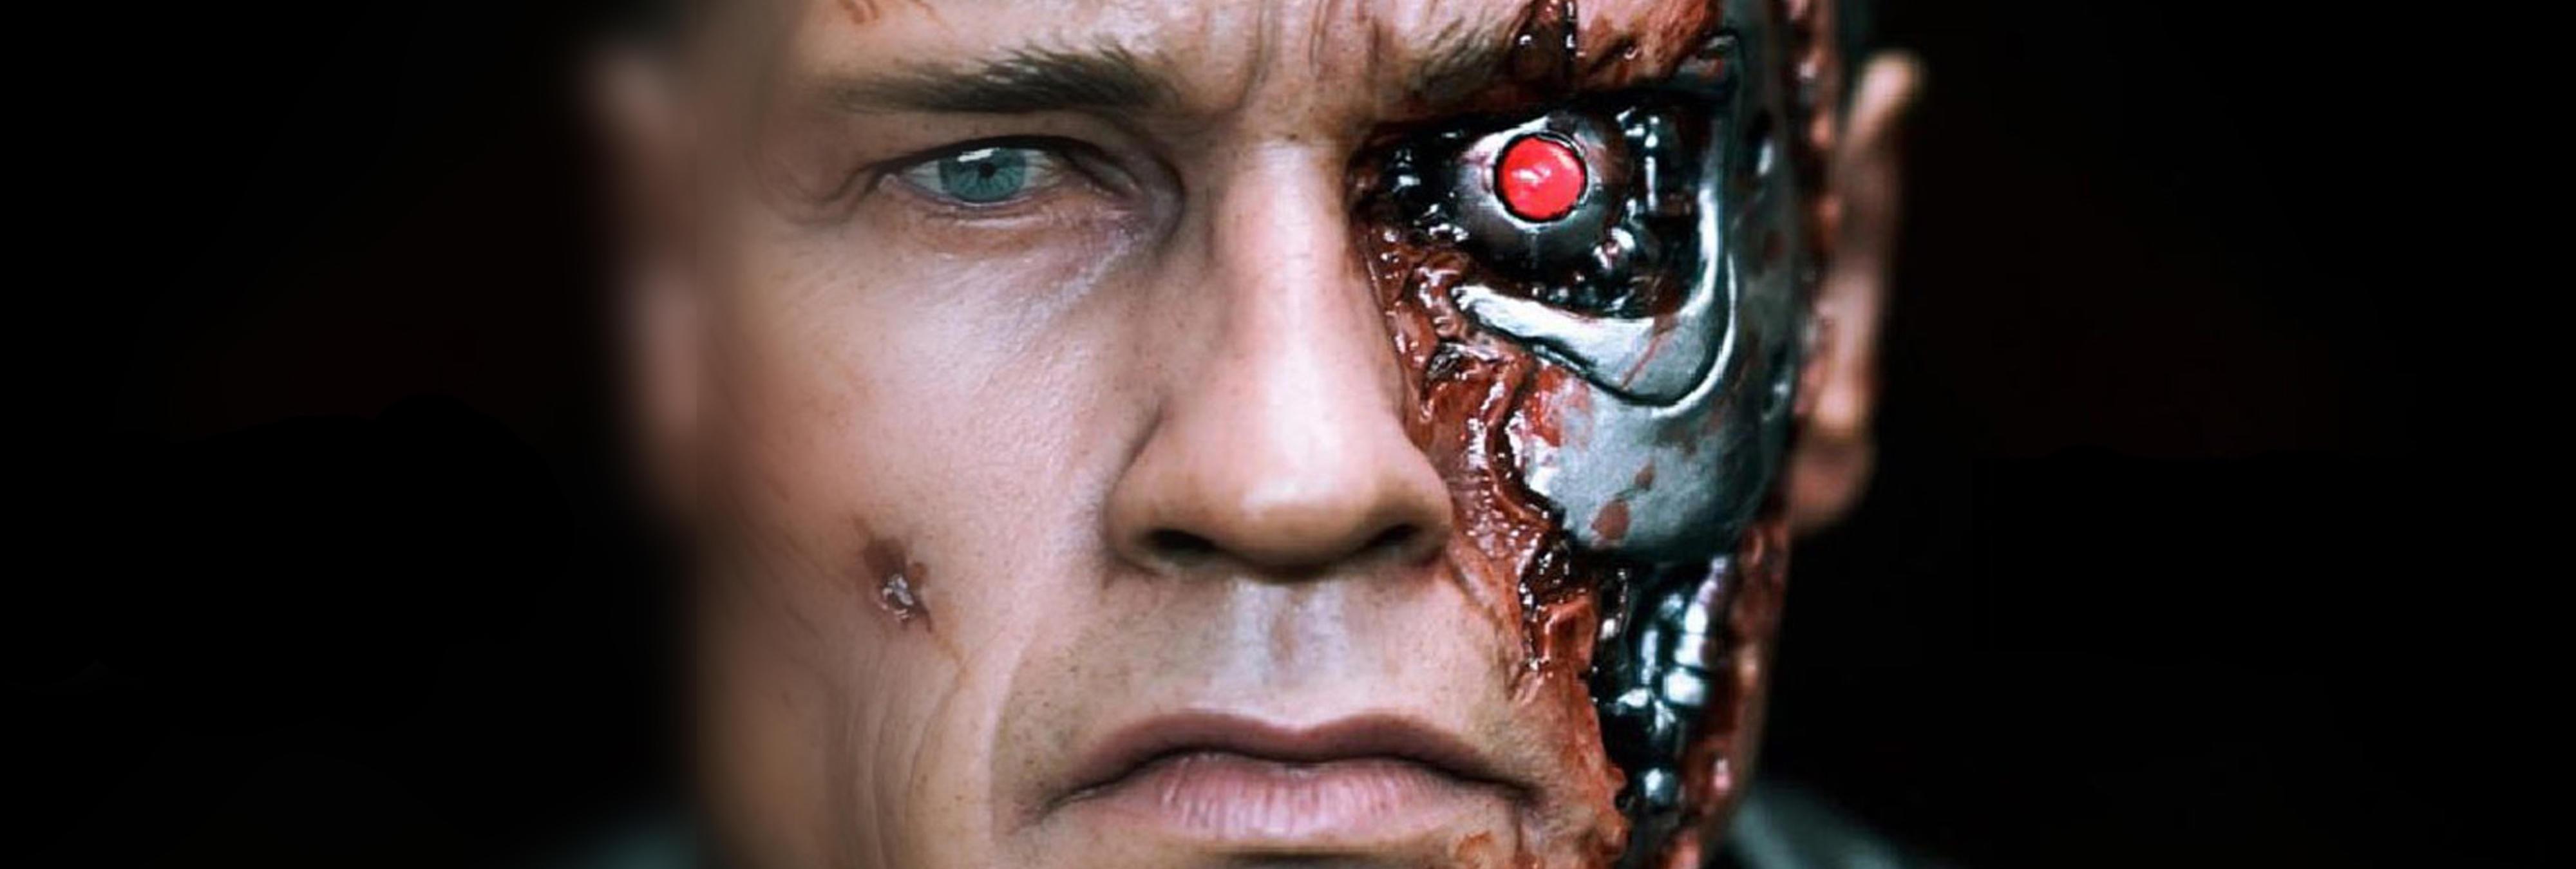 Un hombre se extirpa su ojo biológico para insertarse una cámara